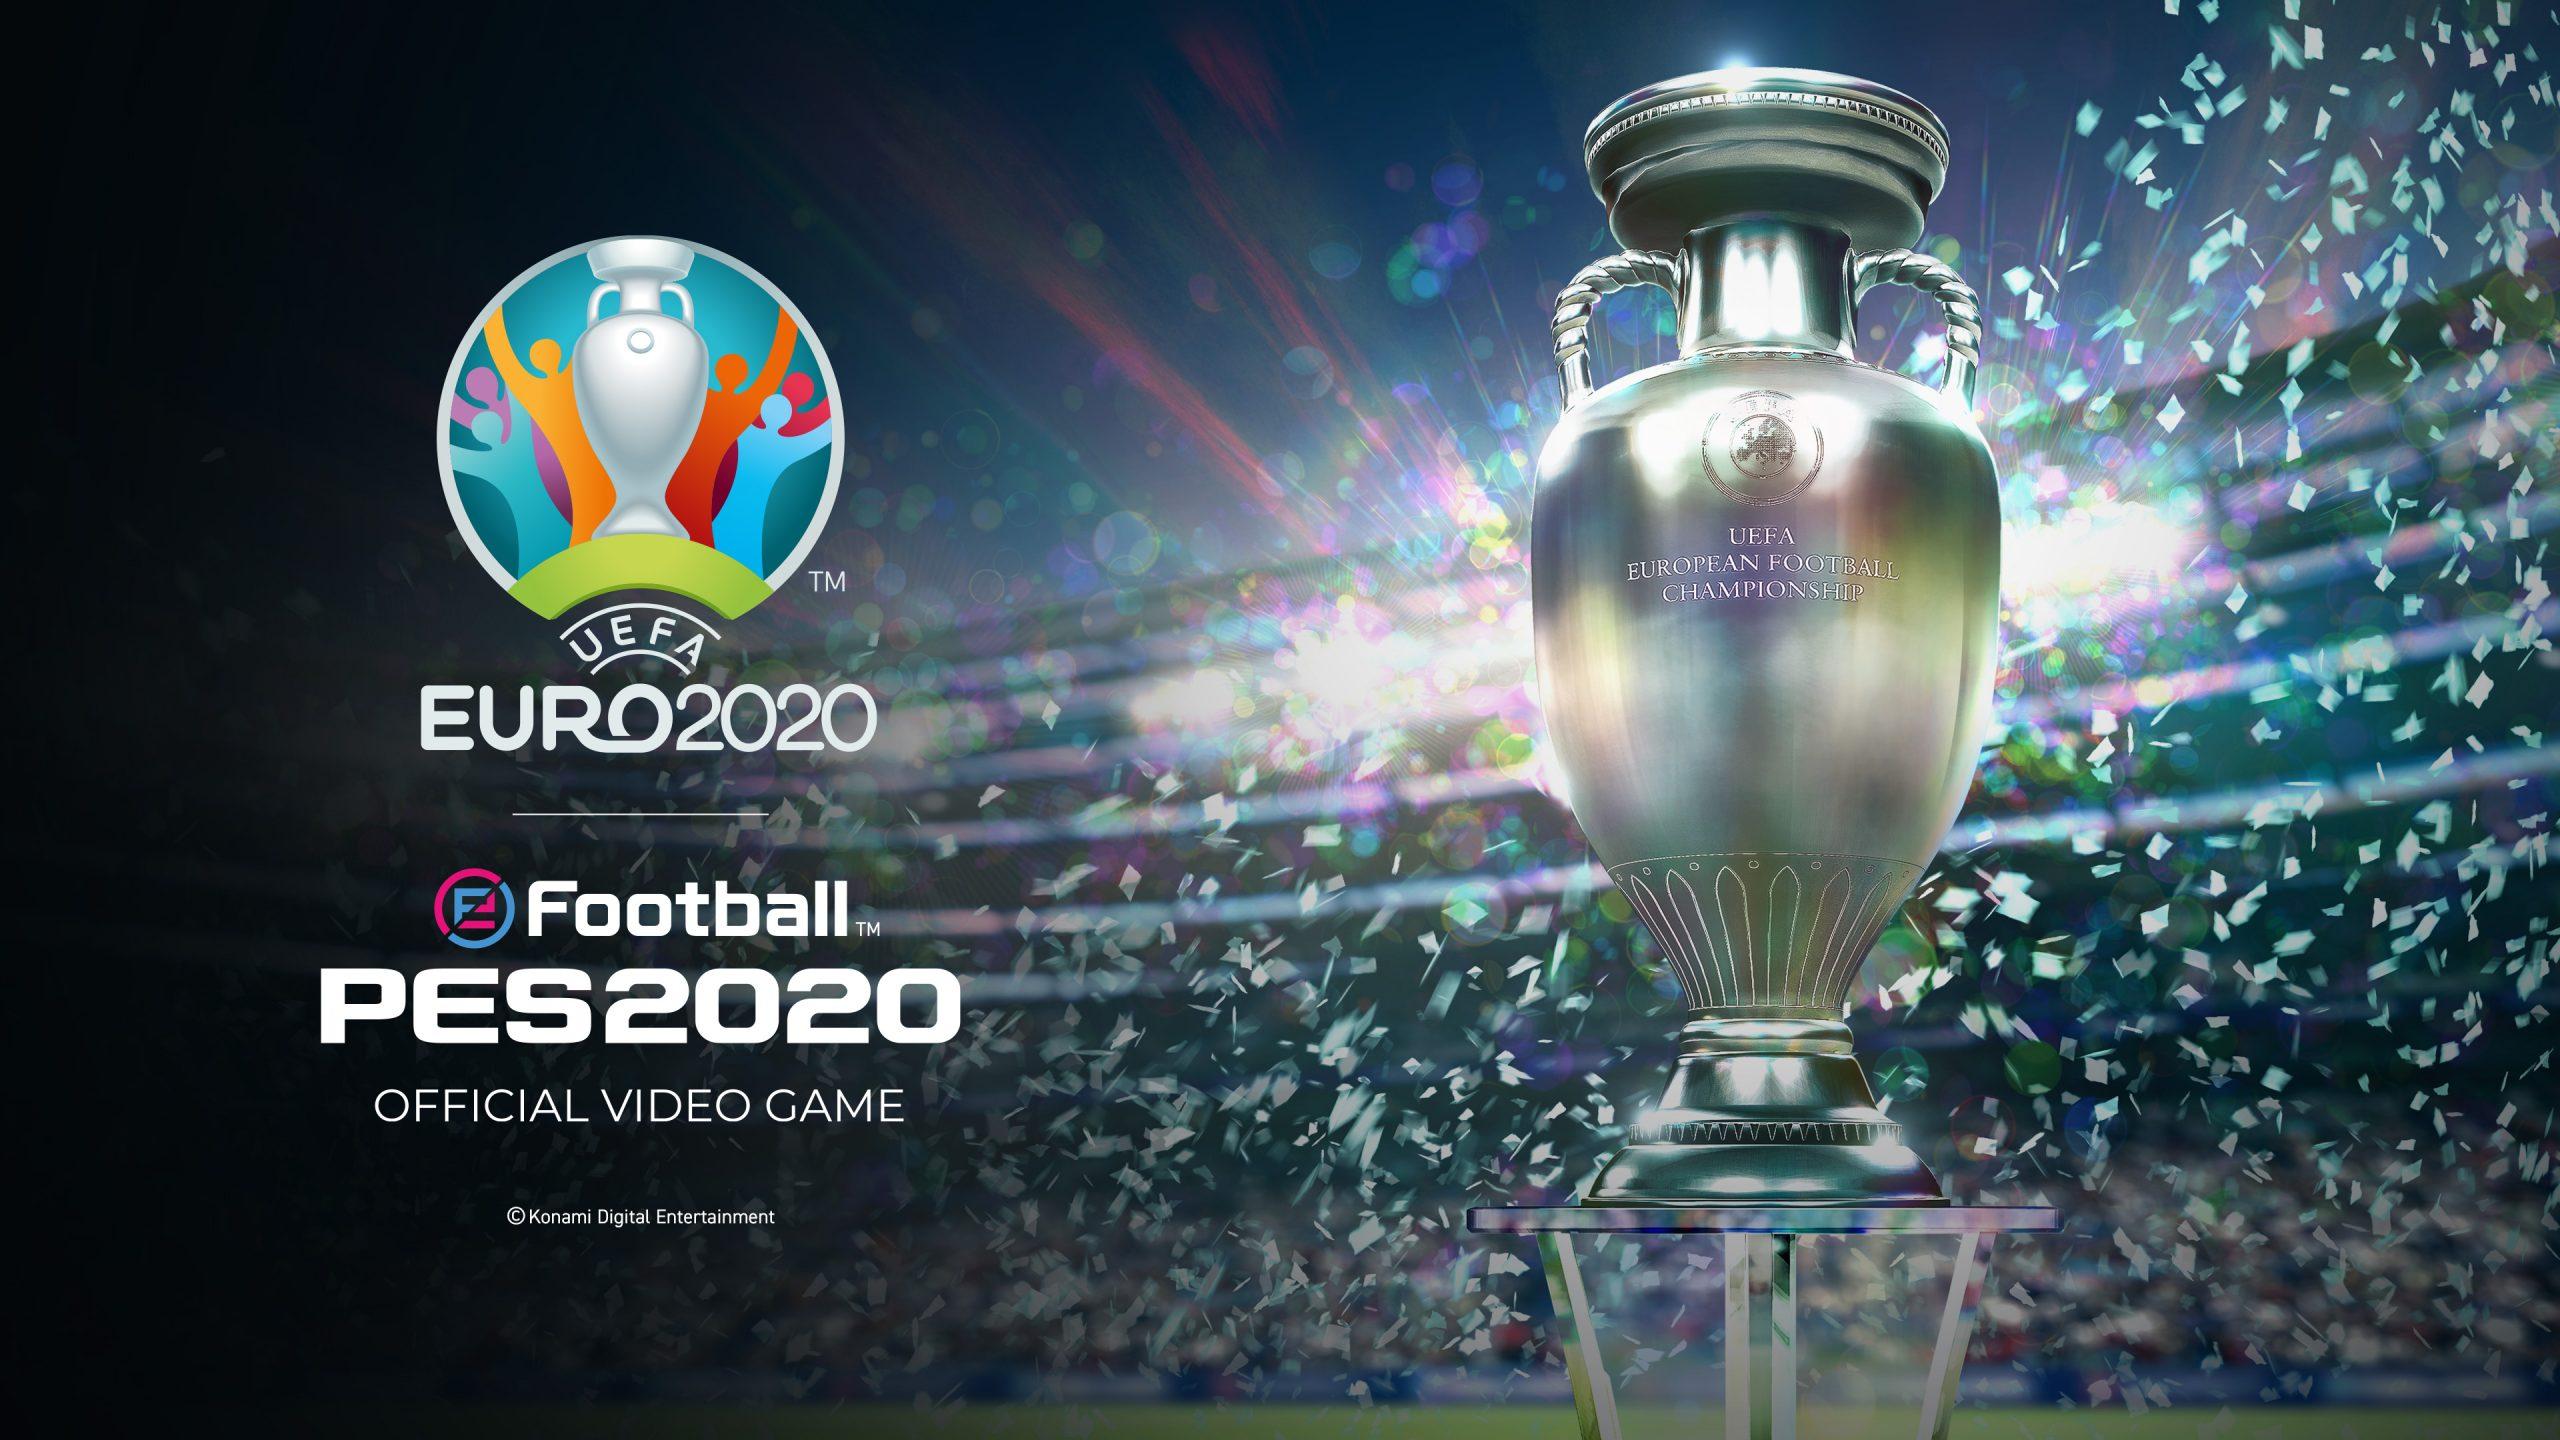 PES 2020 EURO 2020 DLC'Sİ HAZİRANDA BEDAVA OLARAK GELİYOR!